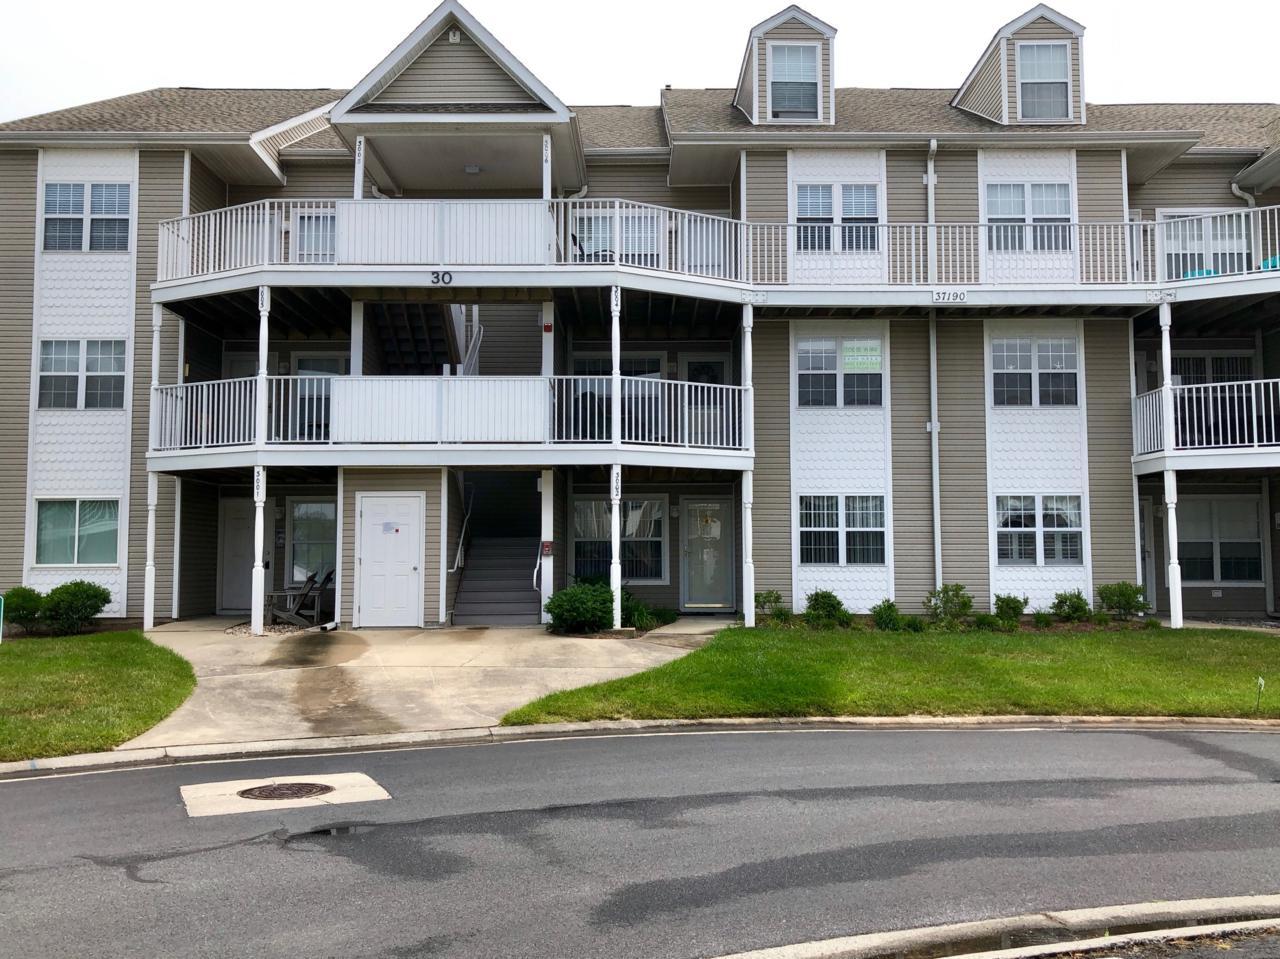 37190 Harbor Drive - Photo 1